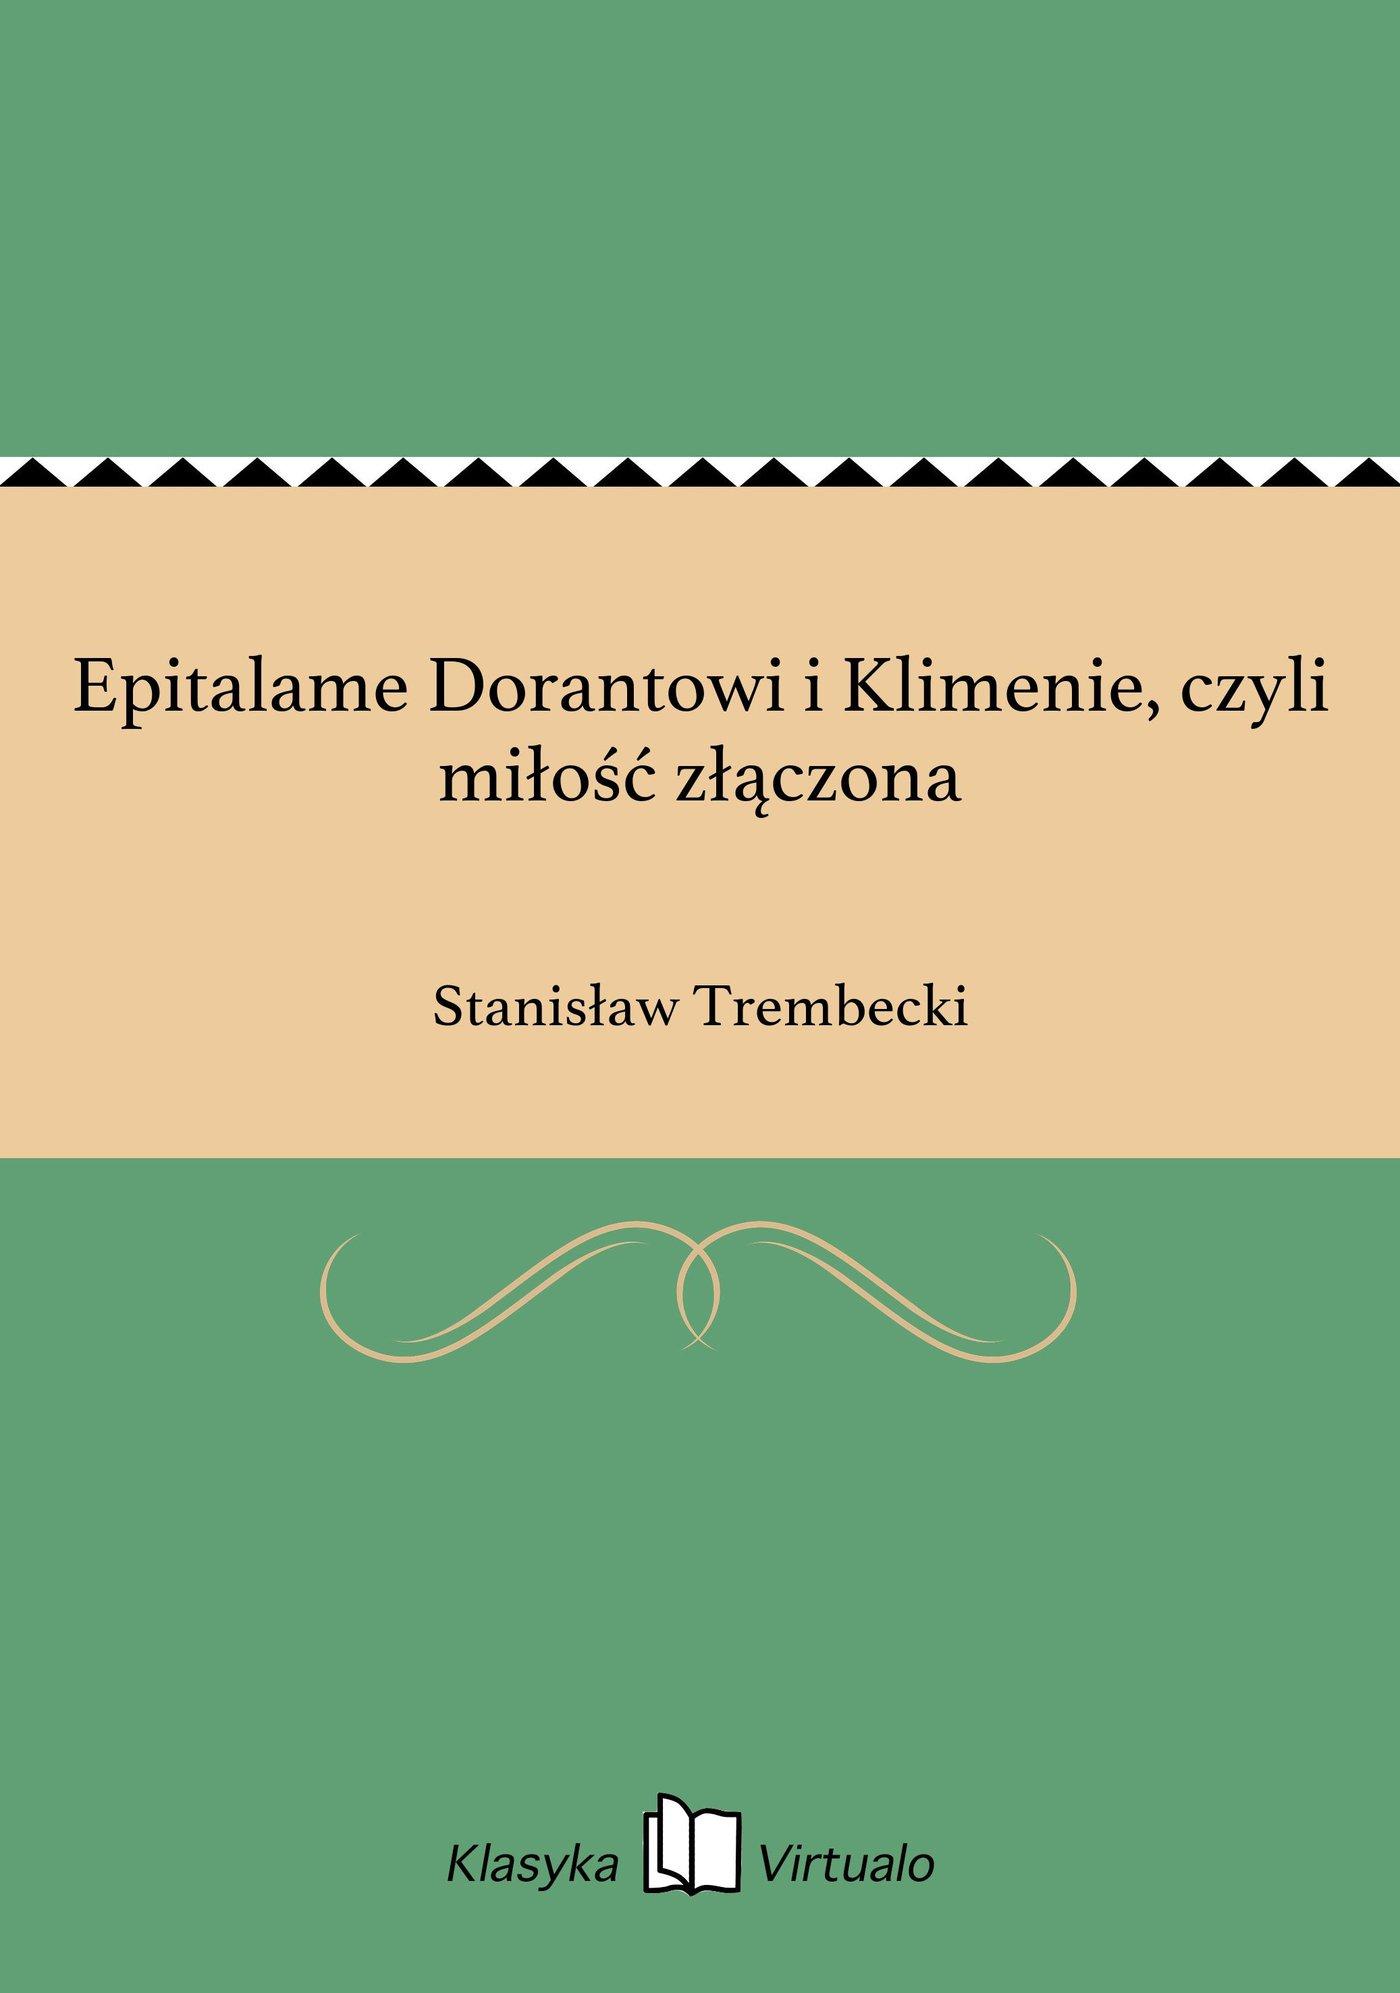 Epitalame Dorantowi i Klimenie, czyli miłość złączona - Ebook (Książka EPUB) do pobrania w formacie EPUB